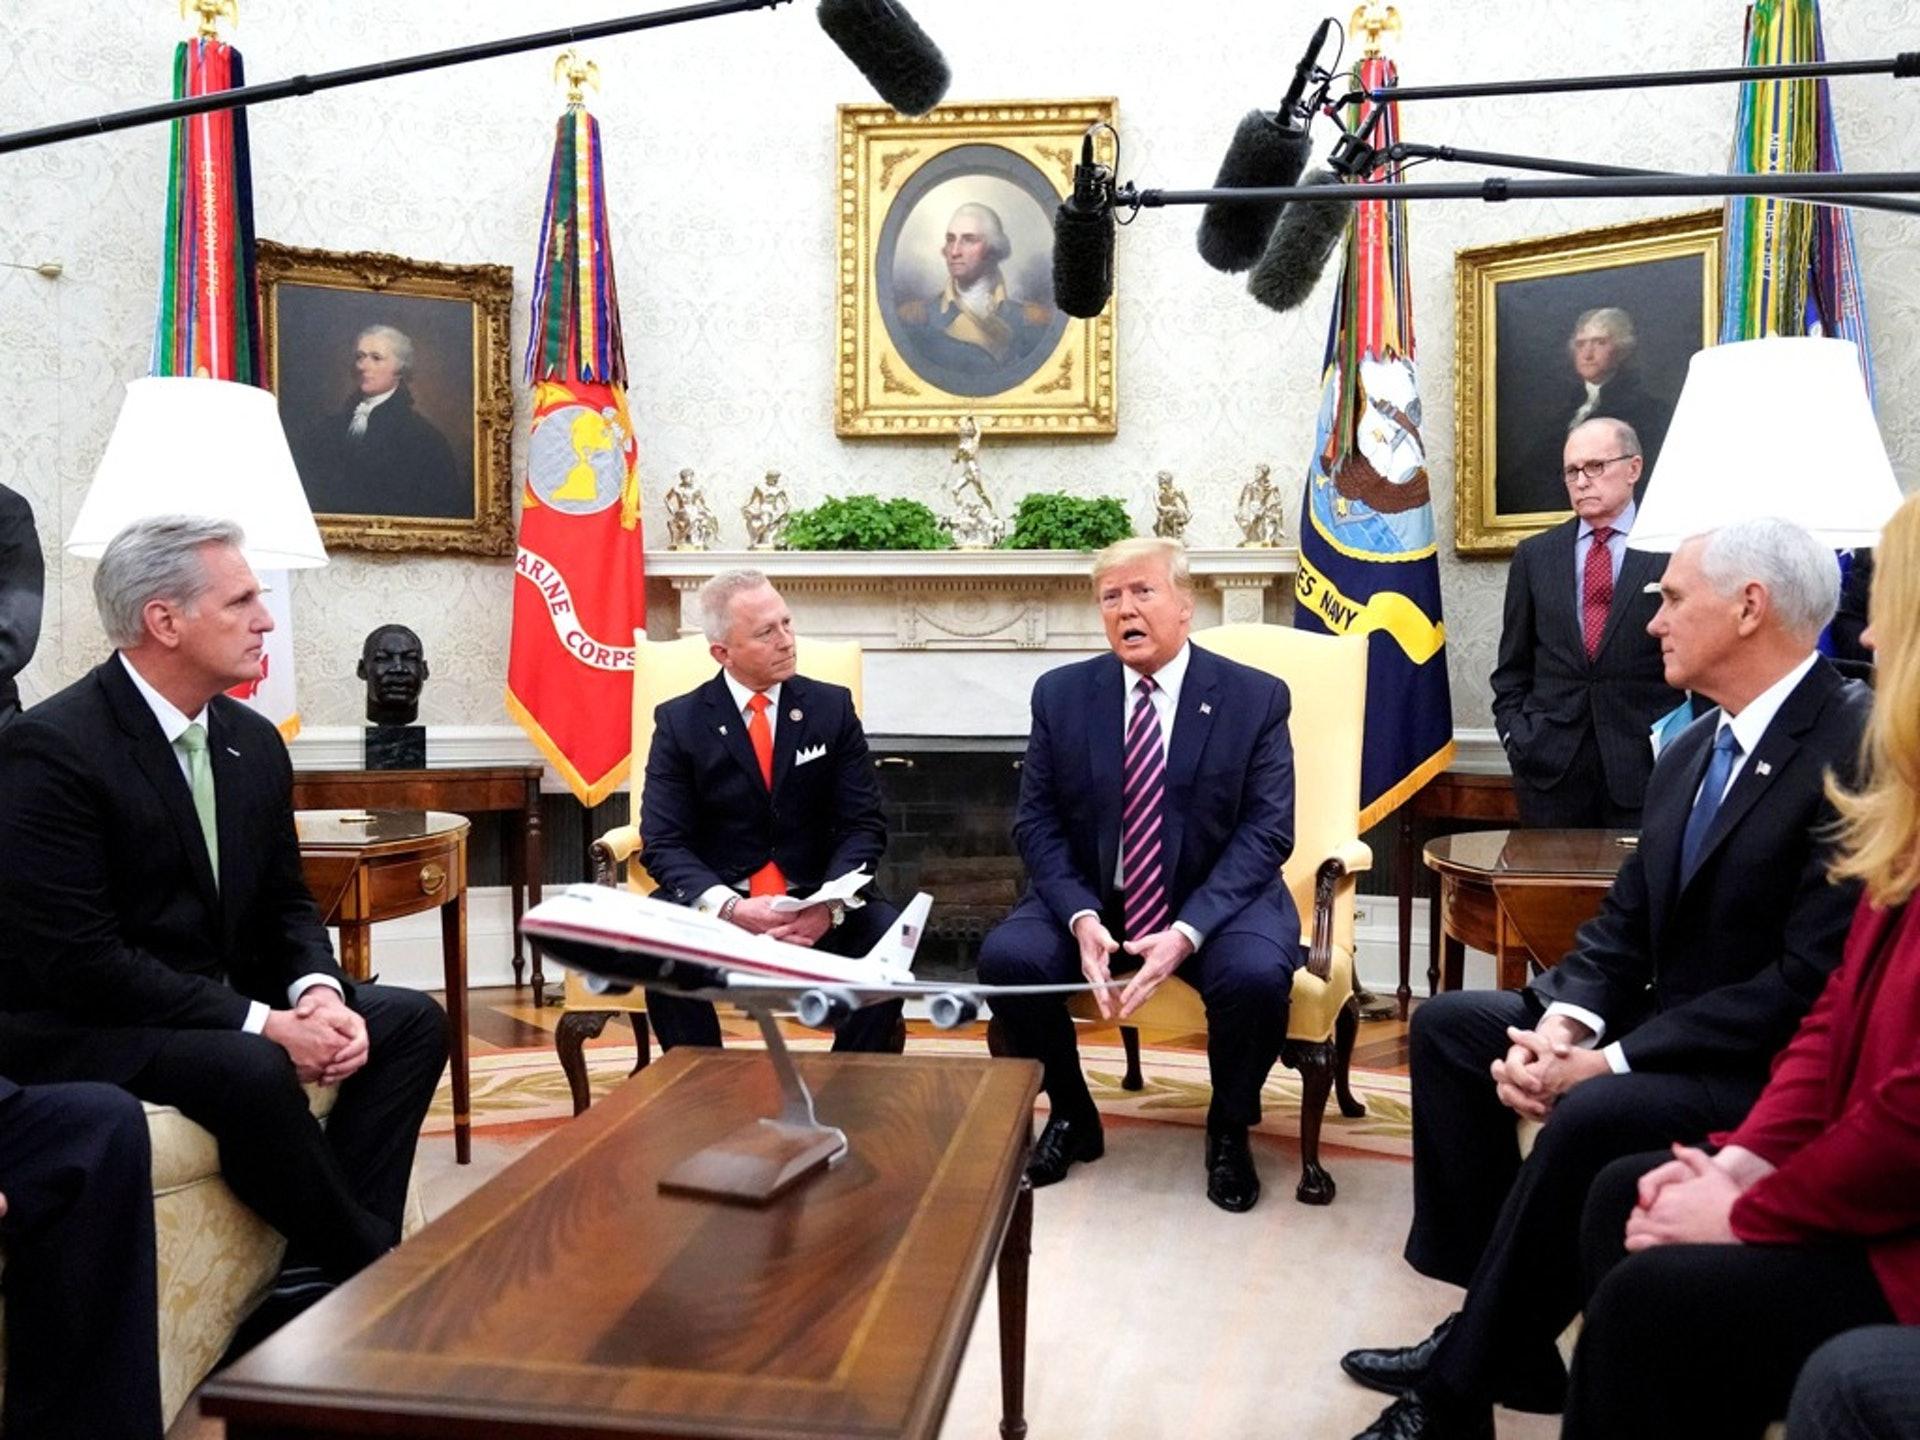 12月19日,特朗普在白宮高調接待眾議員範德魯(左二)。範德魯因反對民主黨彈劾特朗普總統而換黨,加入了共和黨。(Reuters)